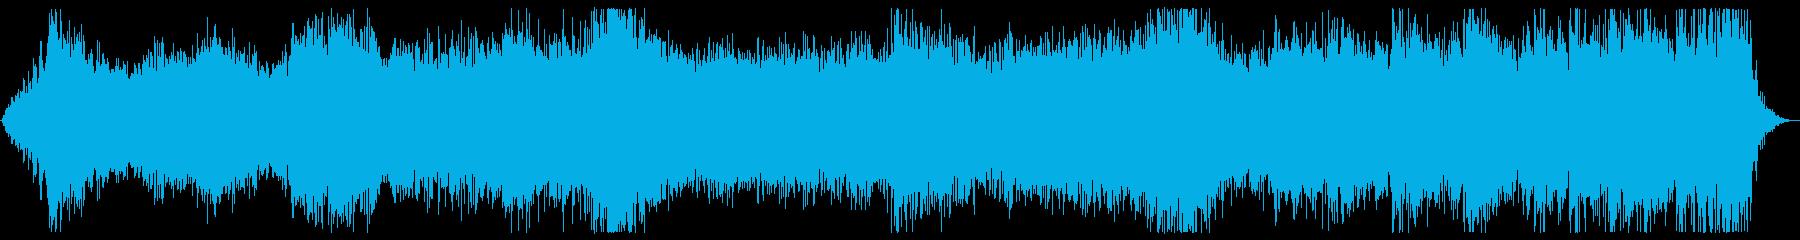 オペラ 神経質 ファンタジー 魔法...の再生済みの波形